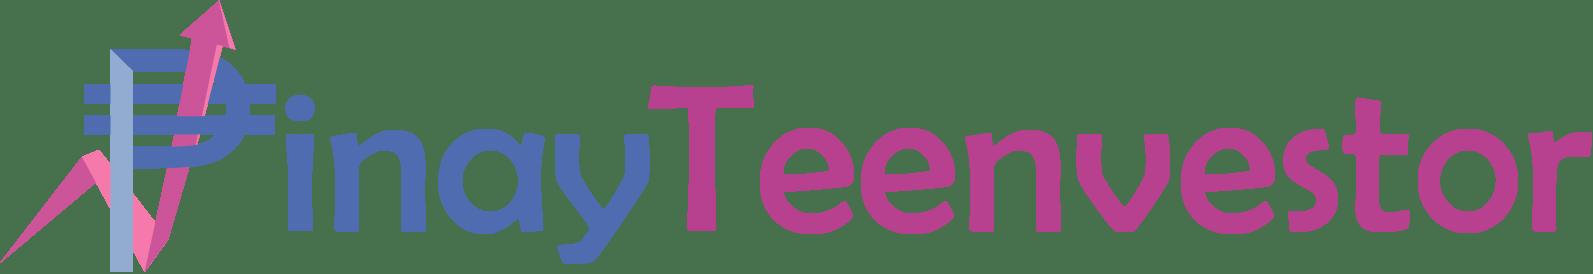 Pinay Teenvestor